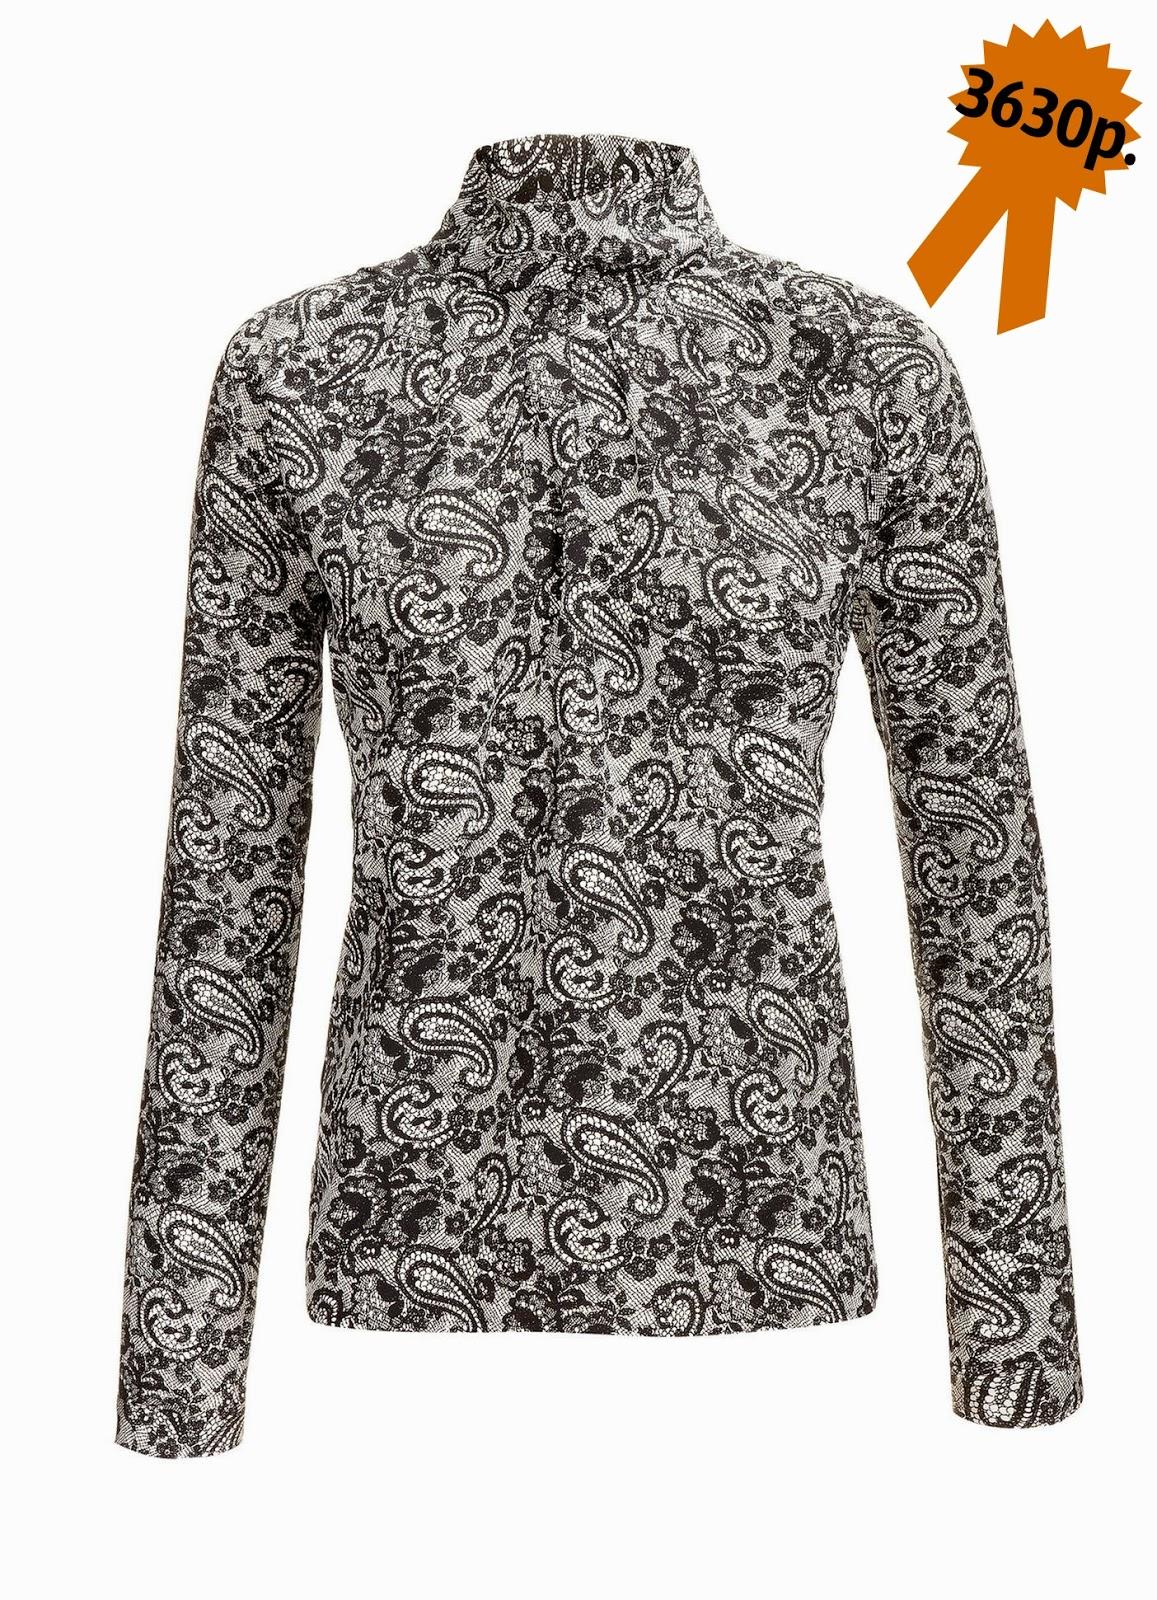 Блузка с узором пейсли Elegance ретро стиль